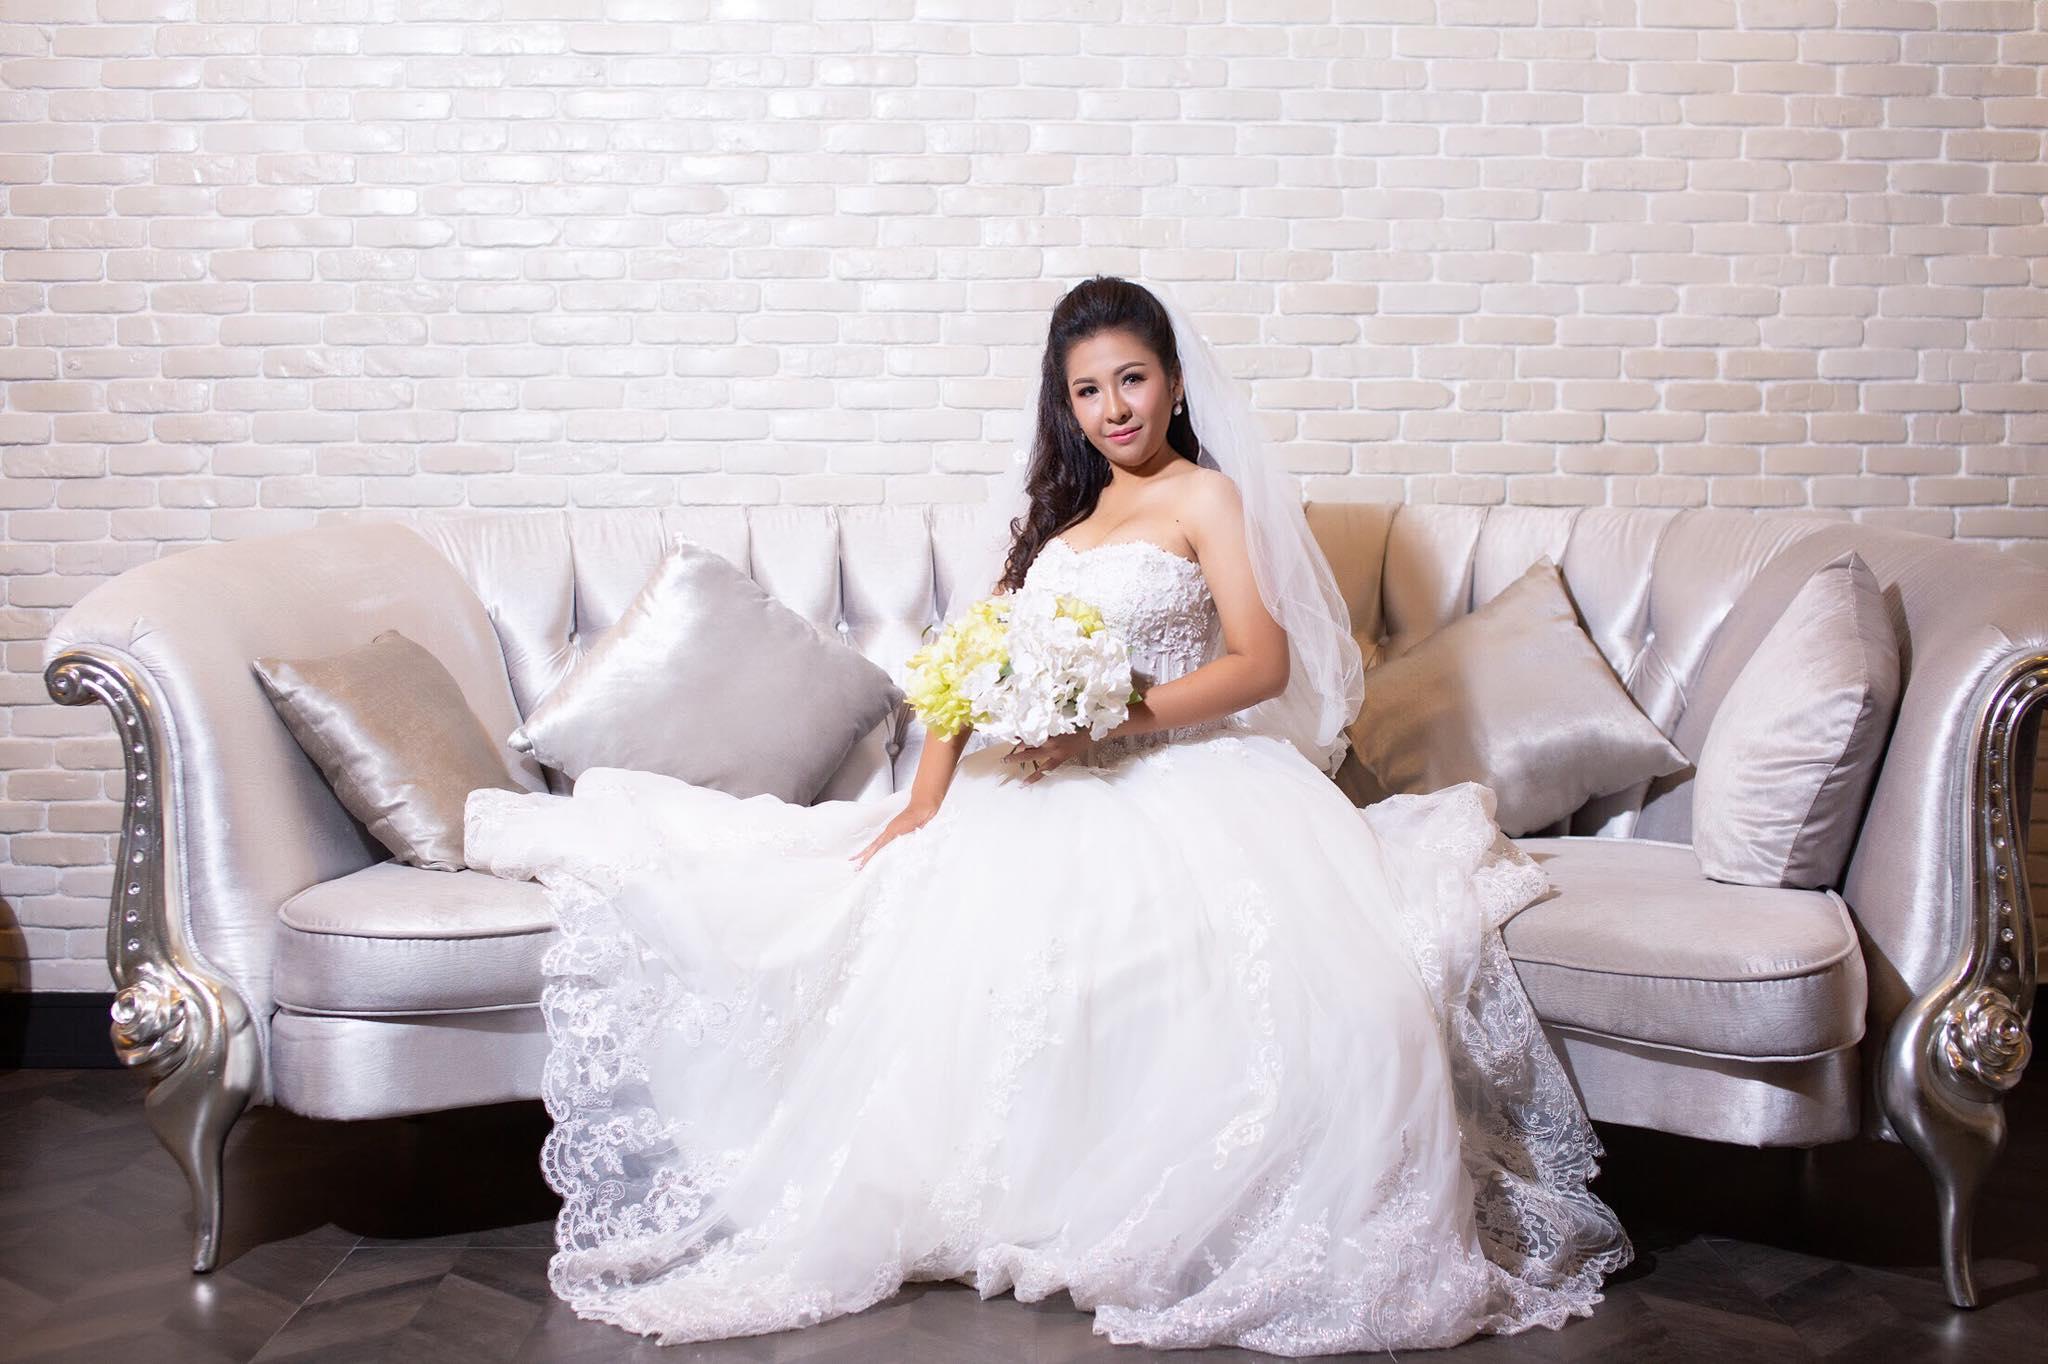 4b9cc8cbd8 Transmitió por Facebook su boda y el novio la dejó plantada - Canal ...